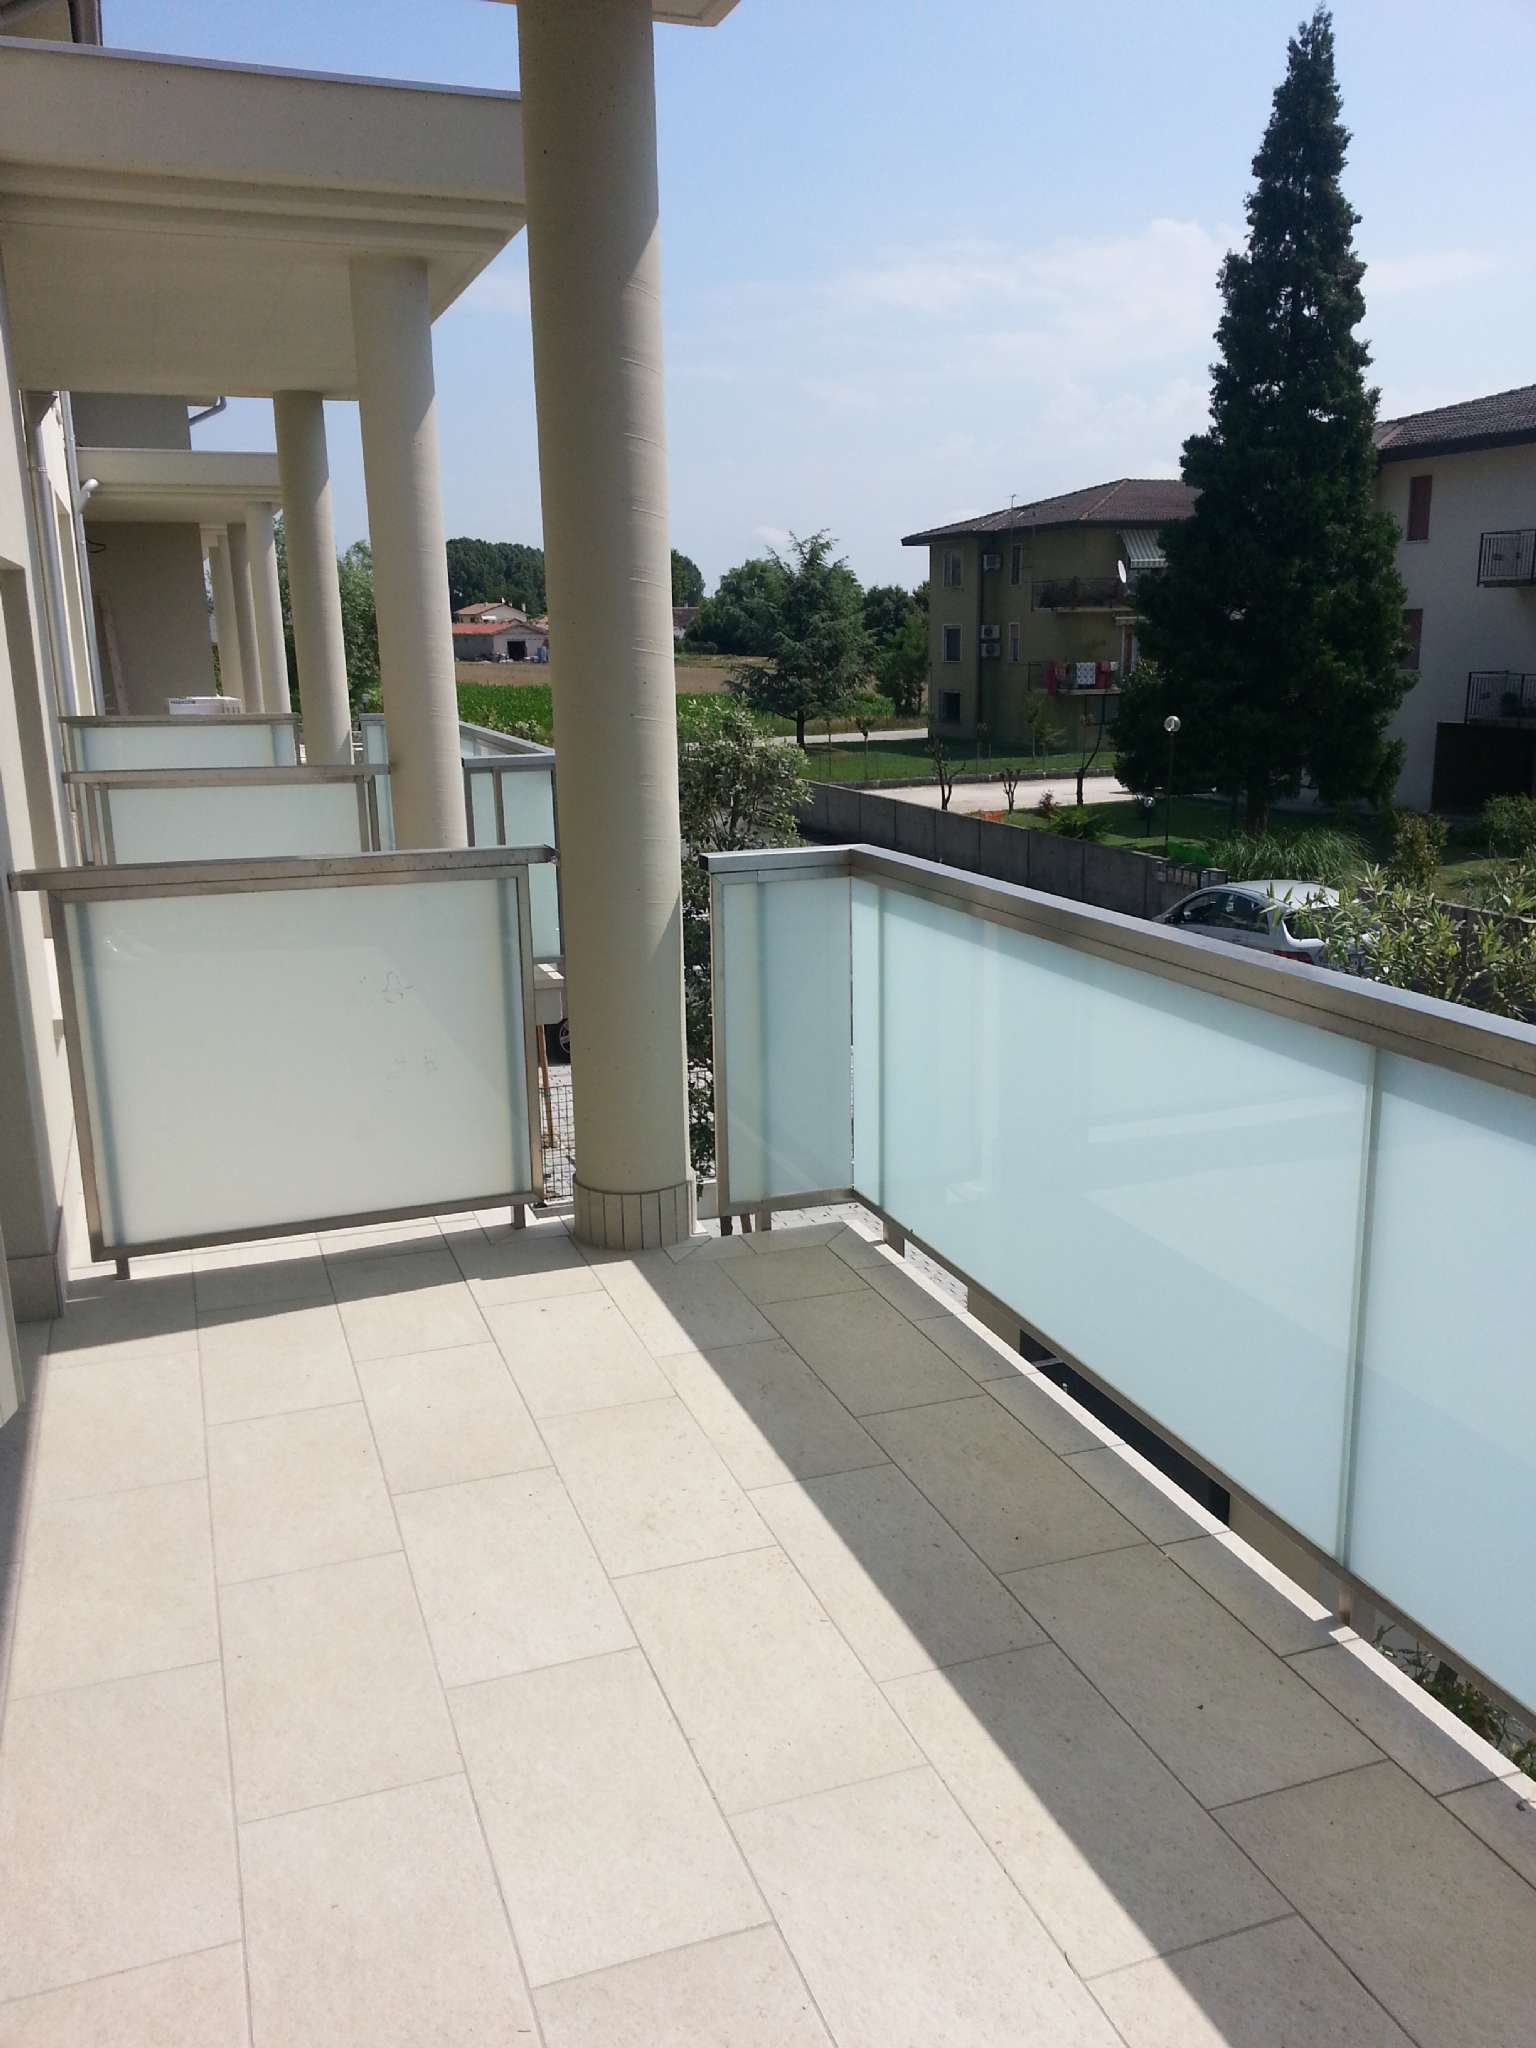 Appartamento in vendita a Quarto d'Altino, 3 locali, prezzo € 99.000 | CambioCasa.it